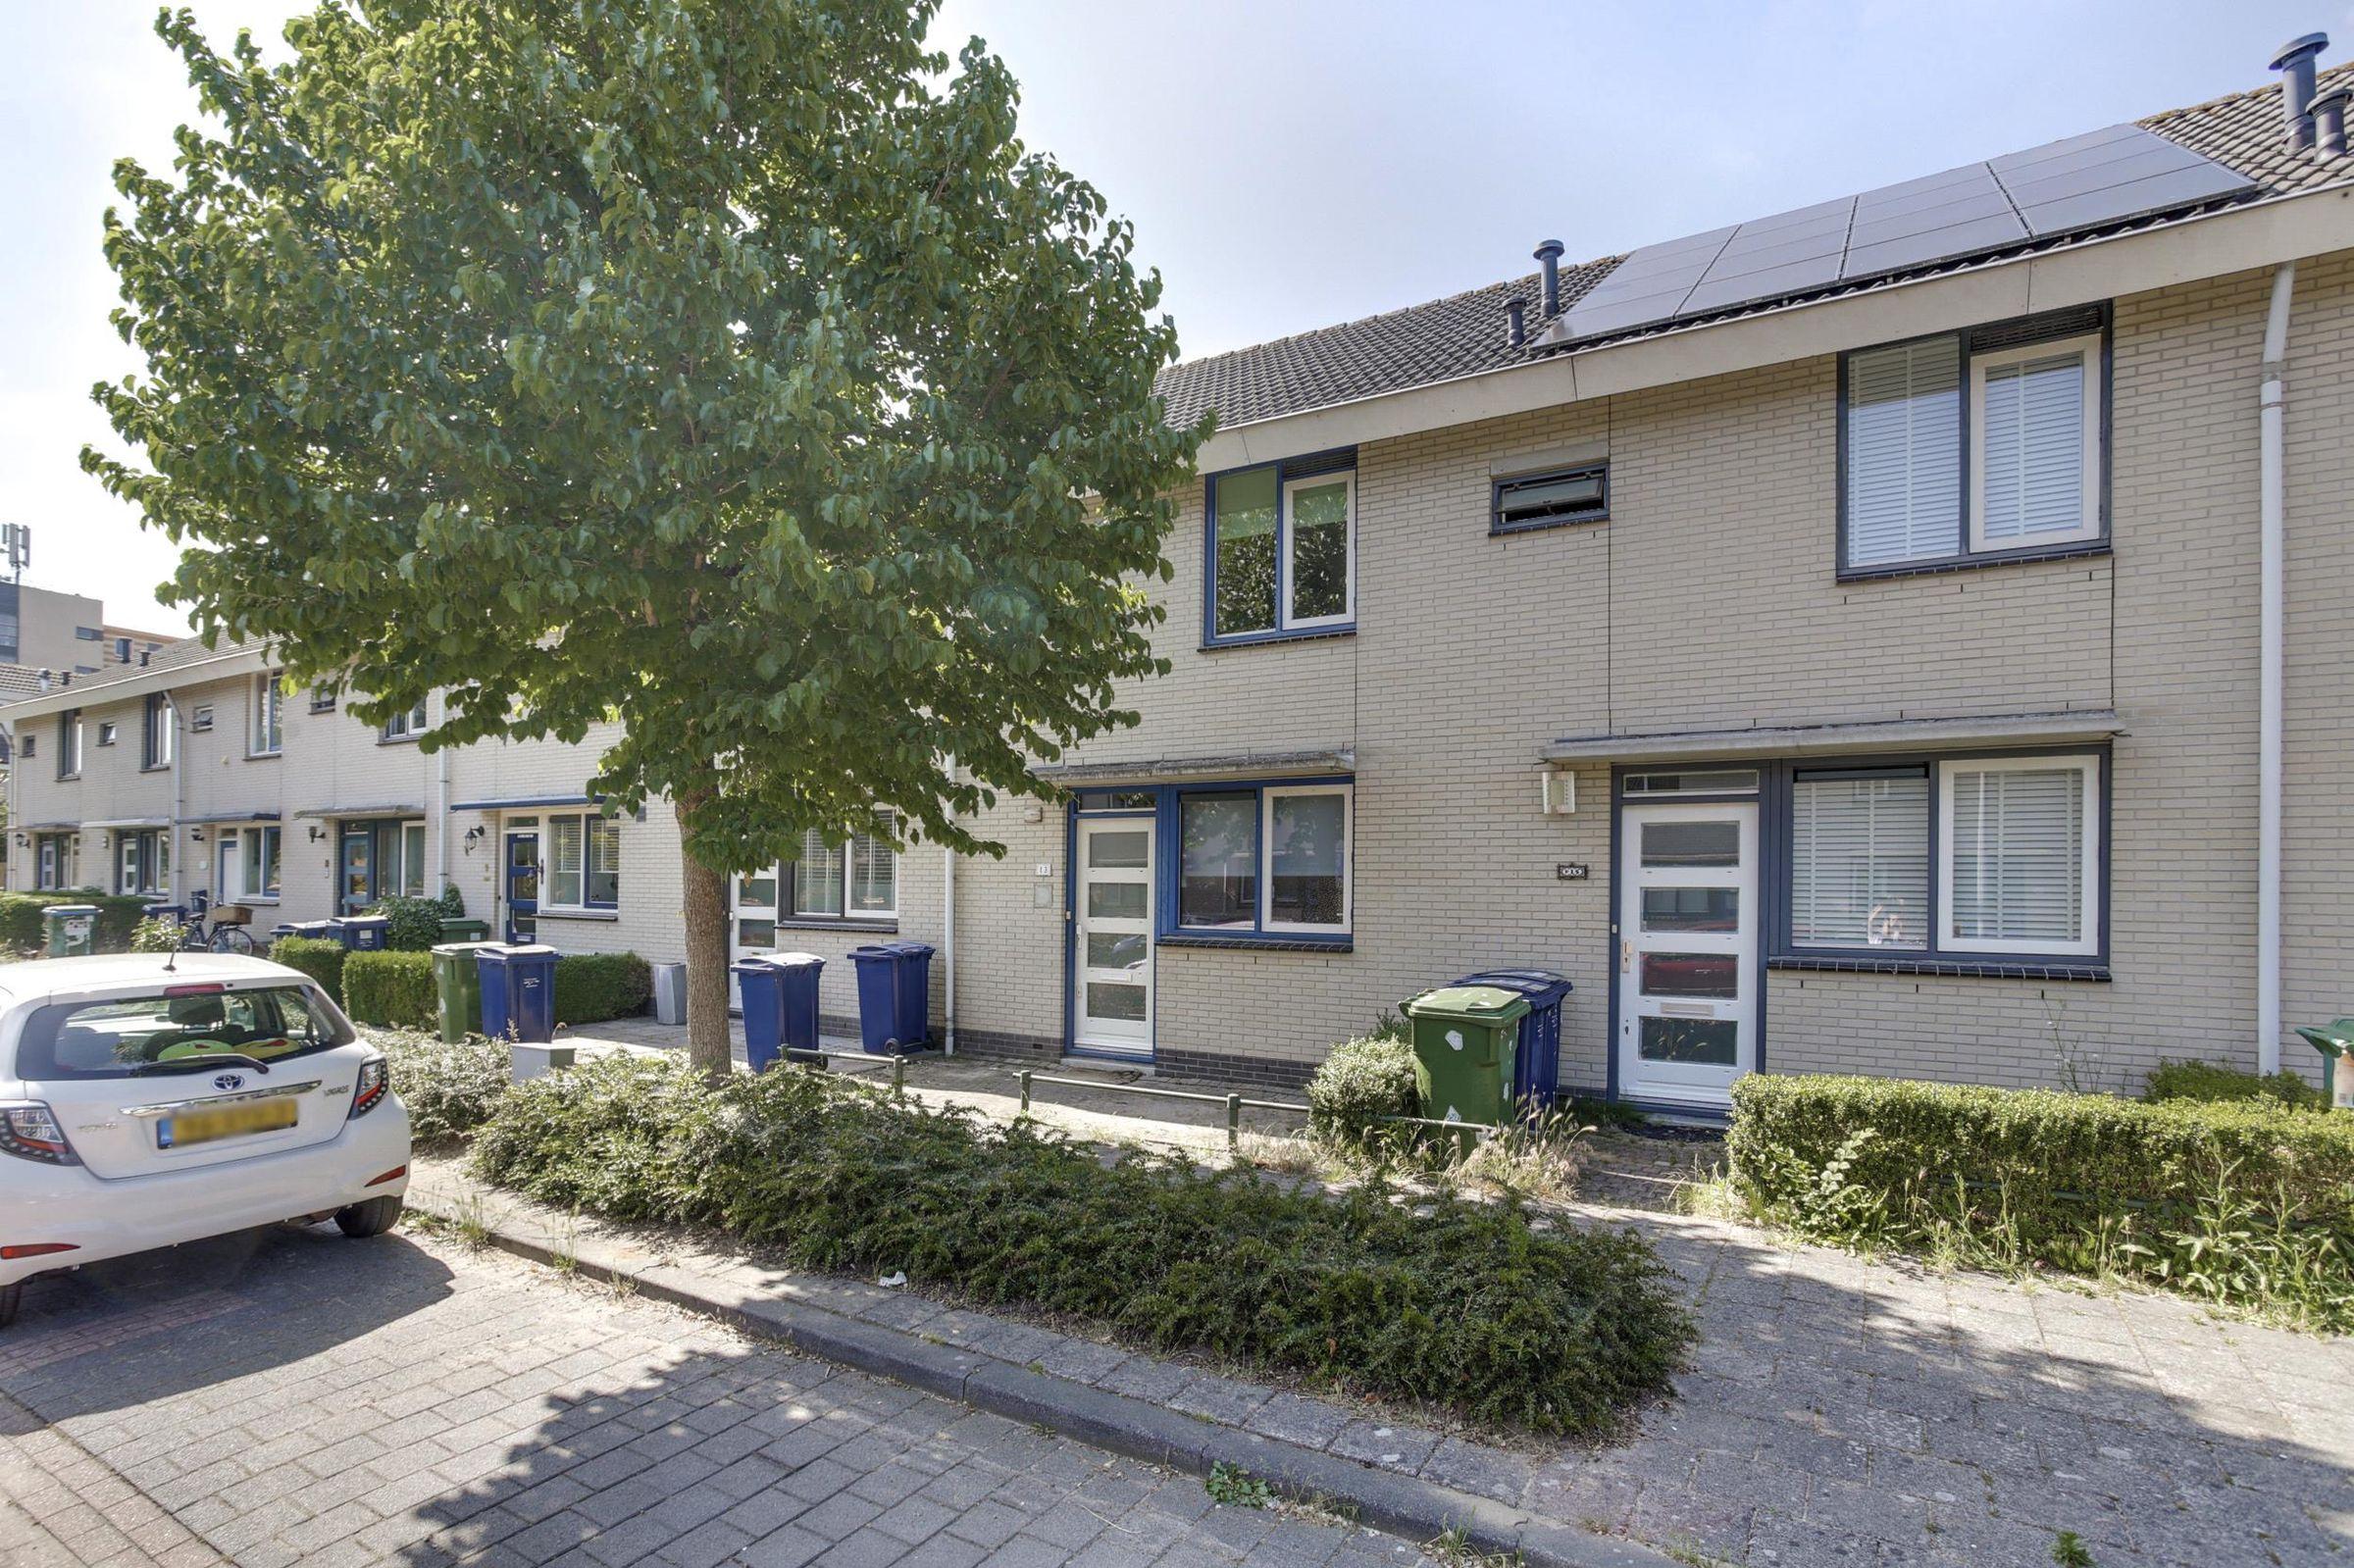 John Fordstraat 13, Almere